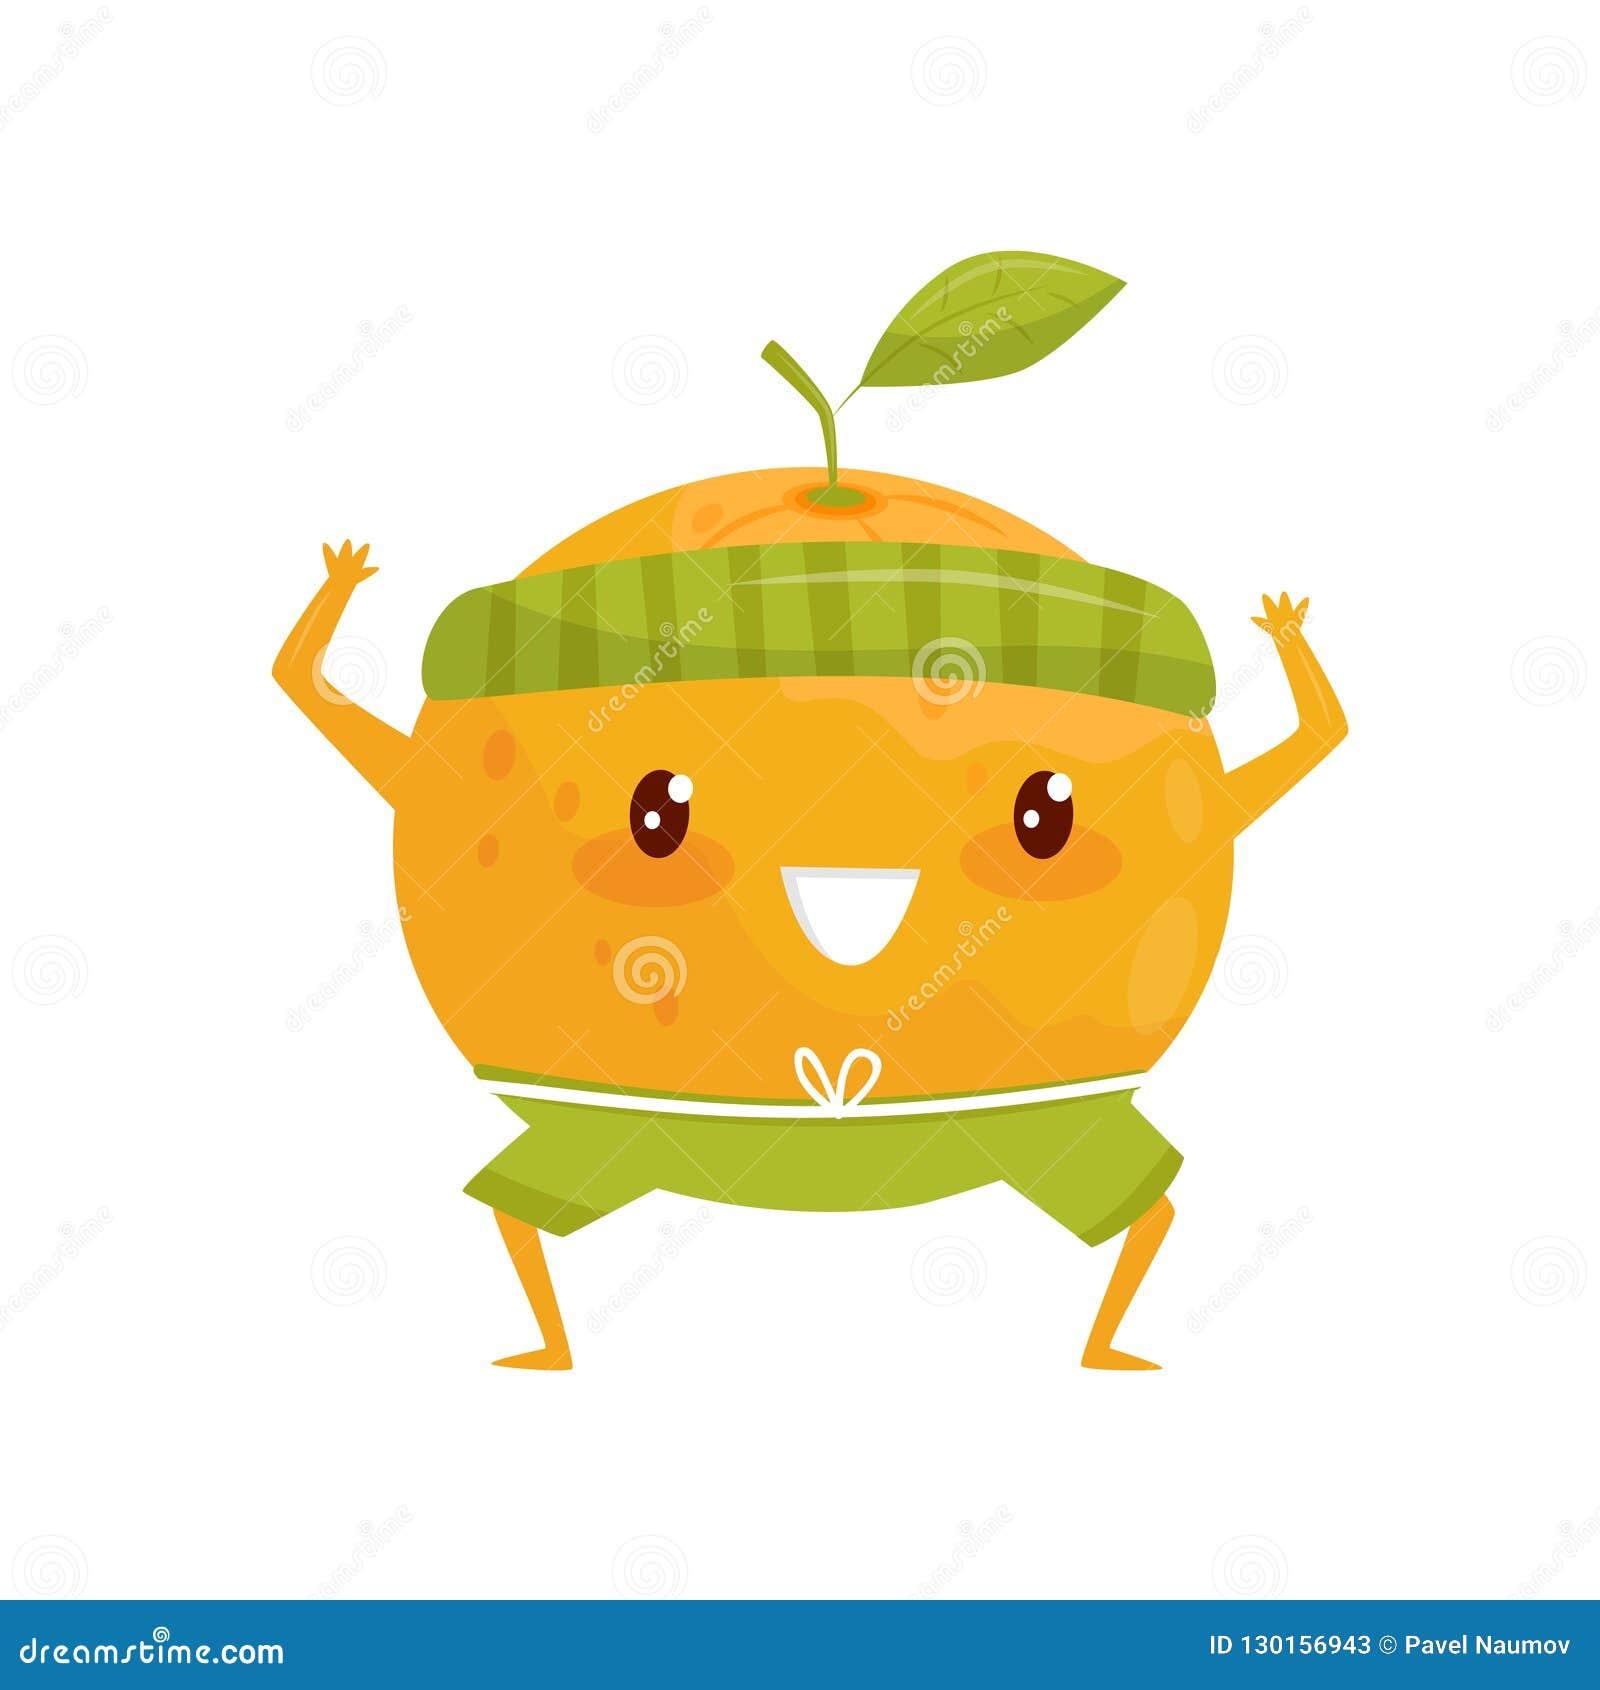 Оранжевый плод делая спорт, sportive персонаж из мультфильма плода делая иллюстрацию вектора тренировки фитнеса на белом